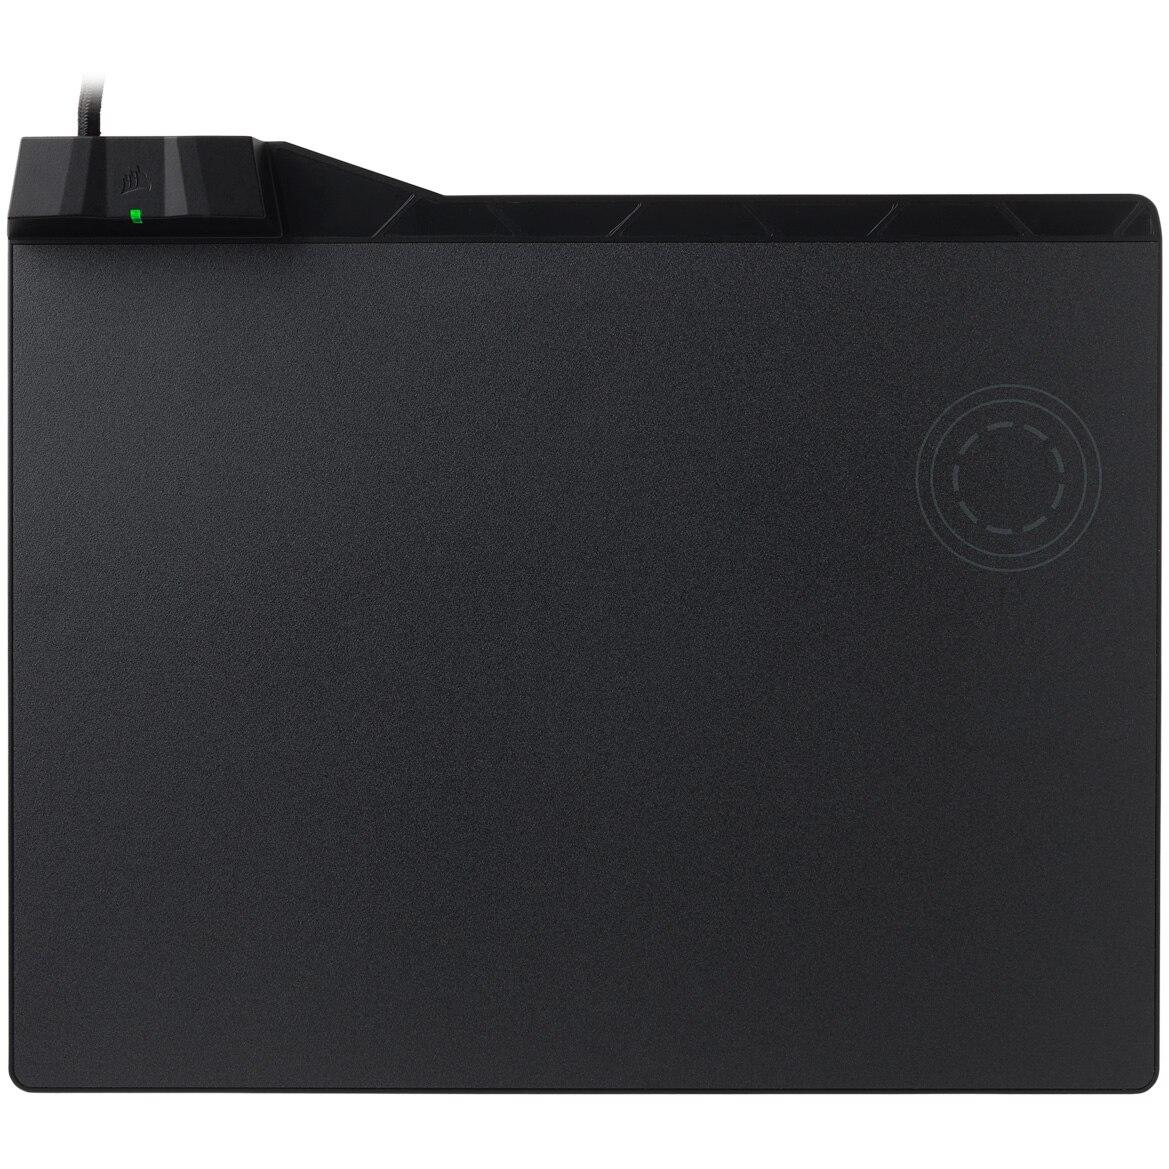 Fotografie Mousepad gaming Corsair MM1000, incarcare wireless Qi